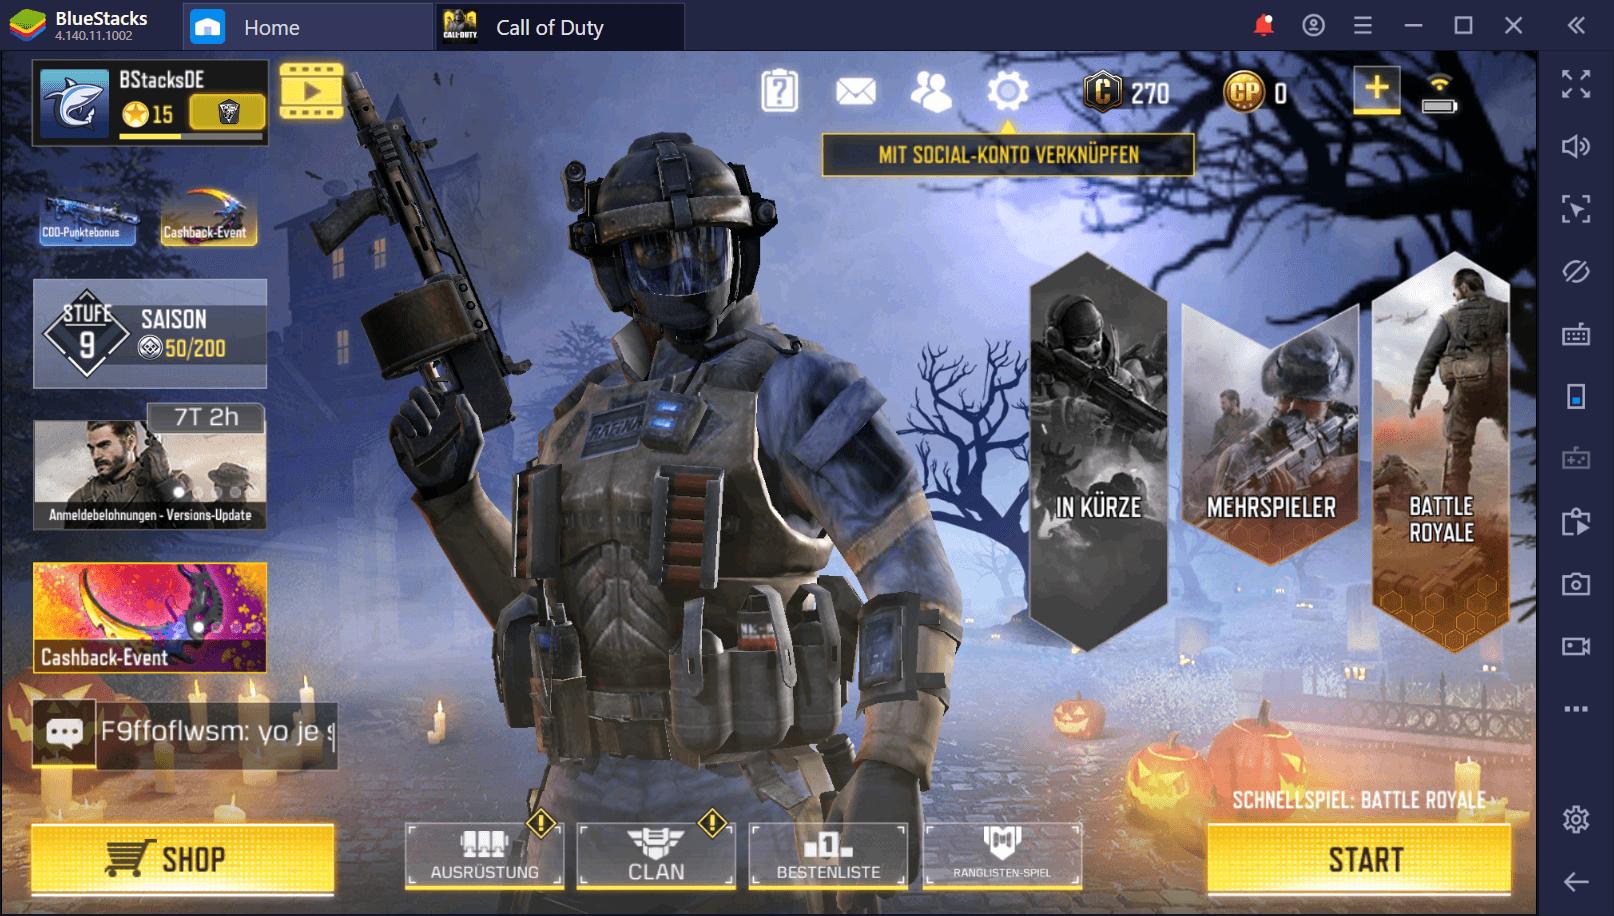 Call of Duty (CoD) Mobile auf dem PC – Lande direkt auf BlueStacks